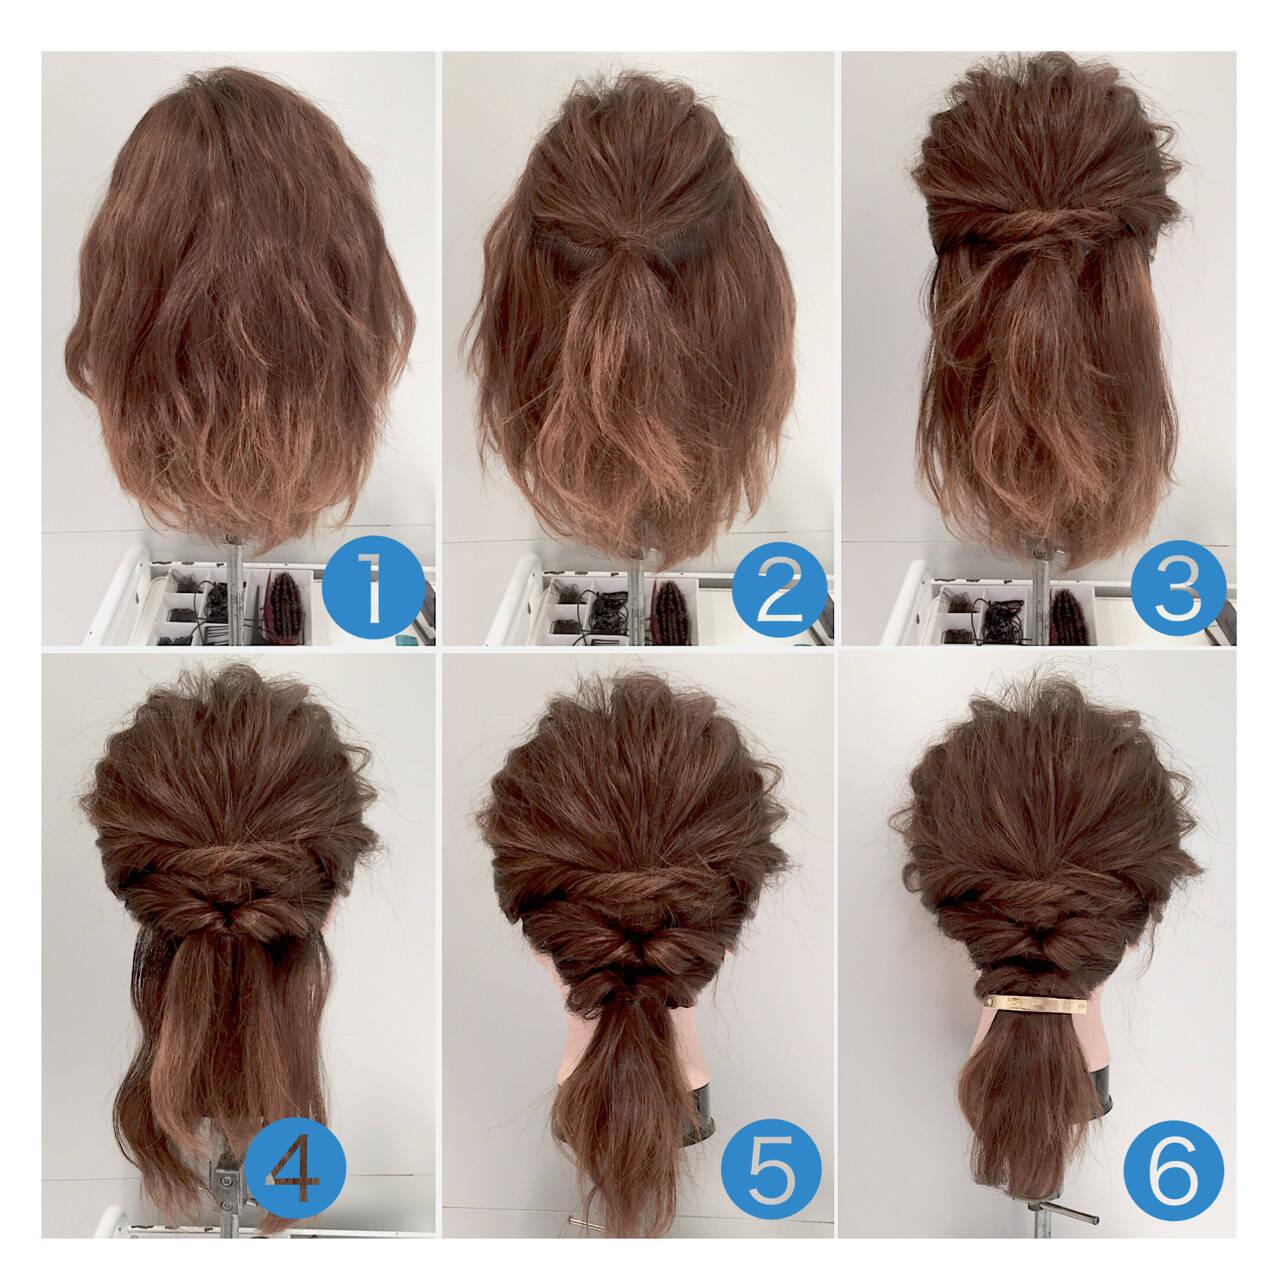 ヘアアレンジ ミディアム ショート 簡単ヘアアレンジヘアスタイルや髪型の写真・画像